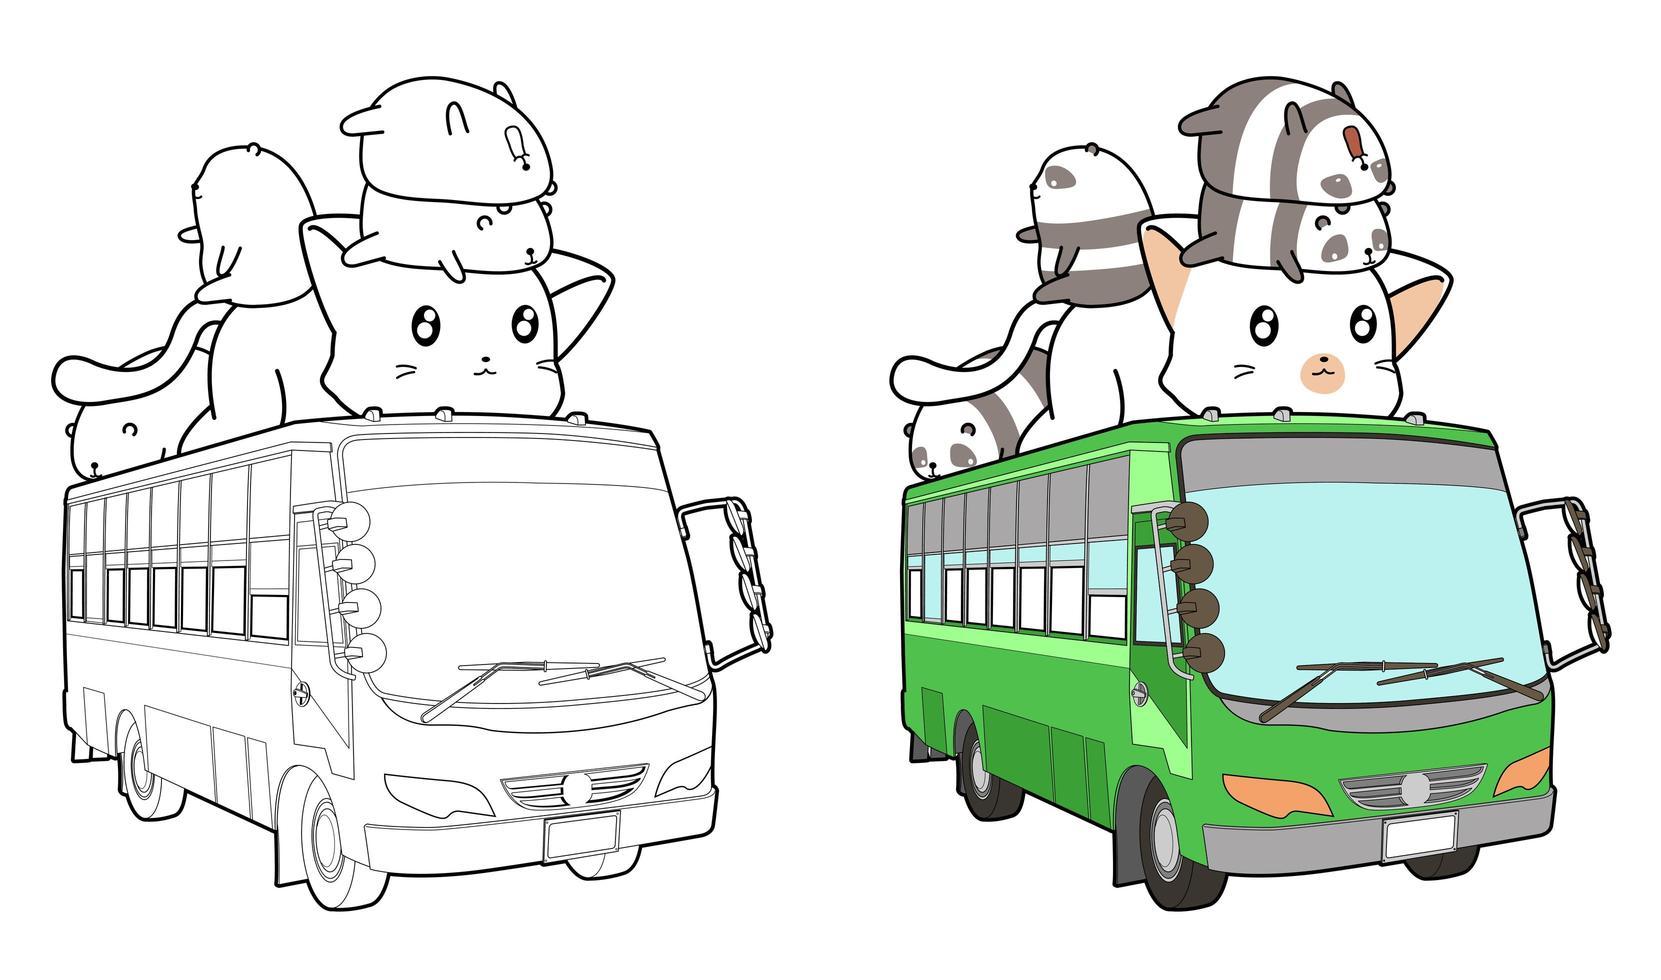 Grosse Katze Und Panda Auf Bus Cartoon Malvorlagen 1612738 Download Kostenlos Vector Clipart Graphics Vektorgrafiken Und Design Vorlagen